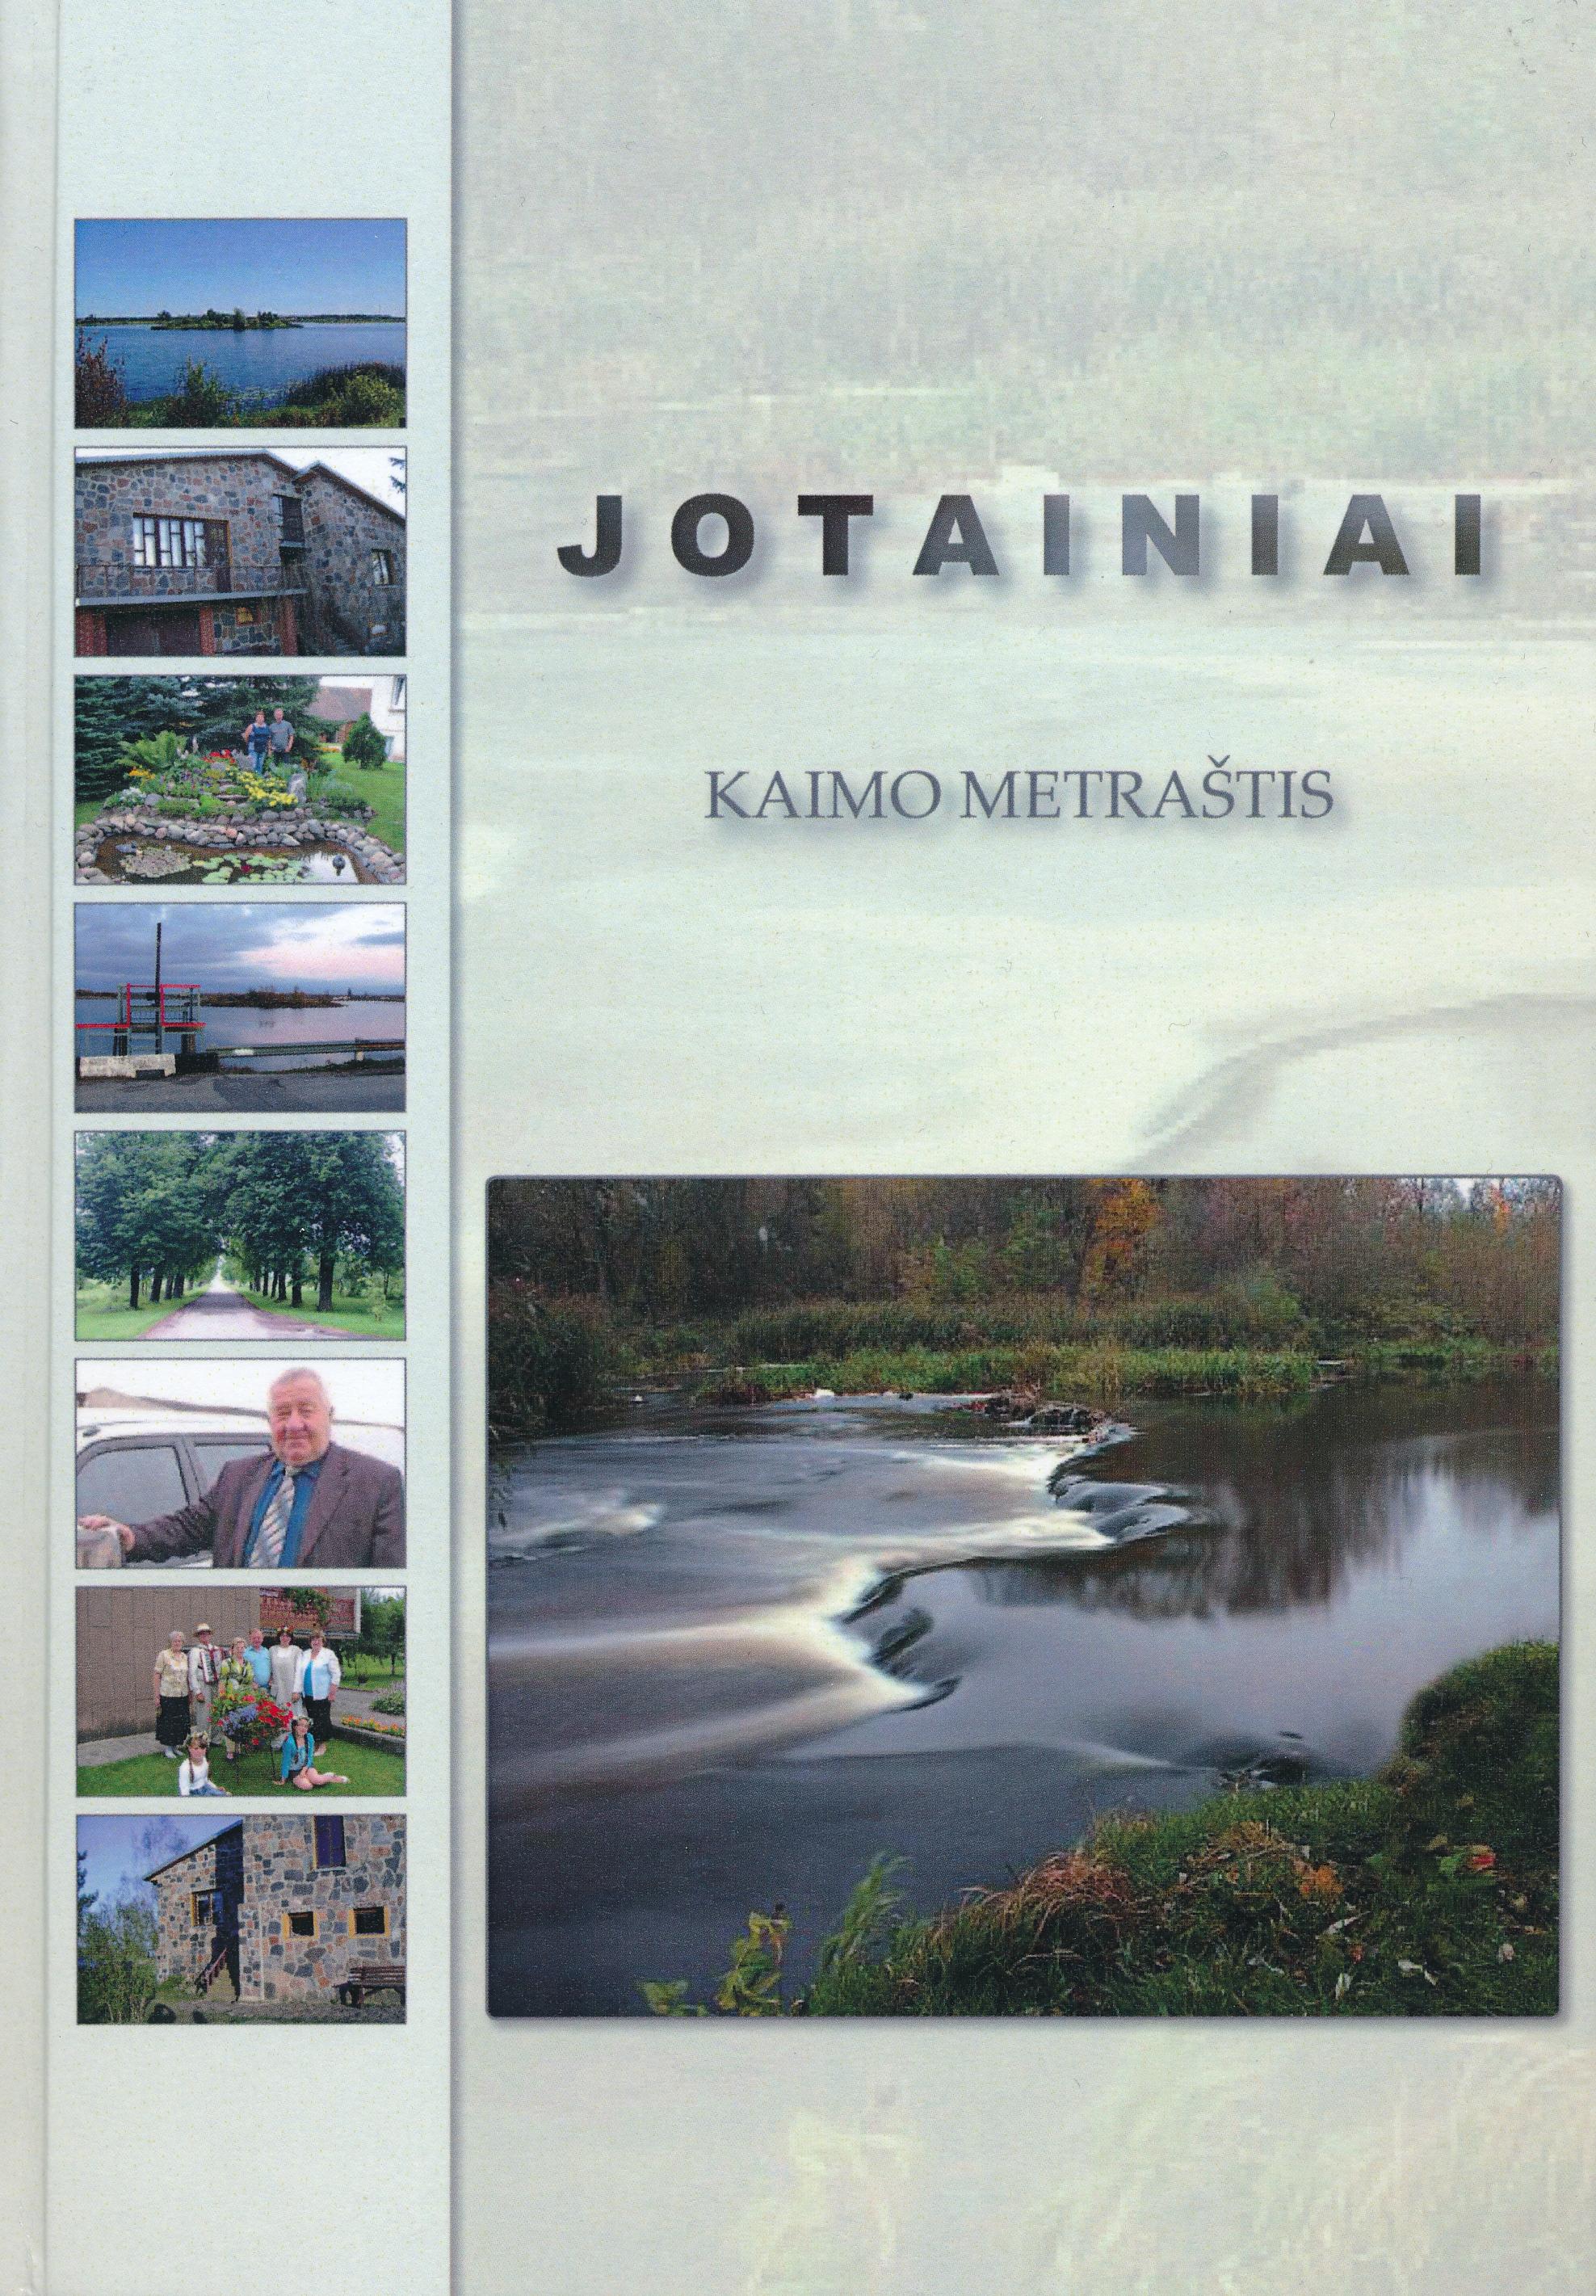 Jotainiai